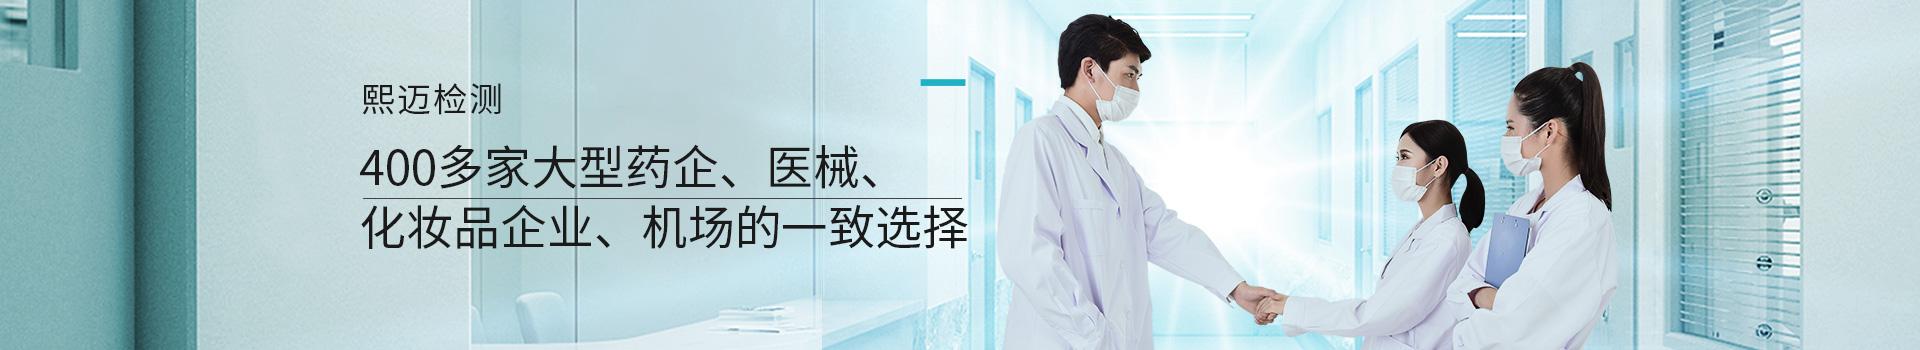 上海熙迈300多家大型药企、机场的一致选择